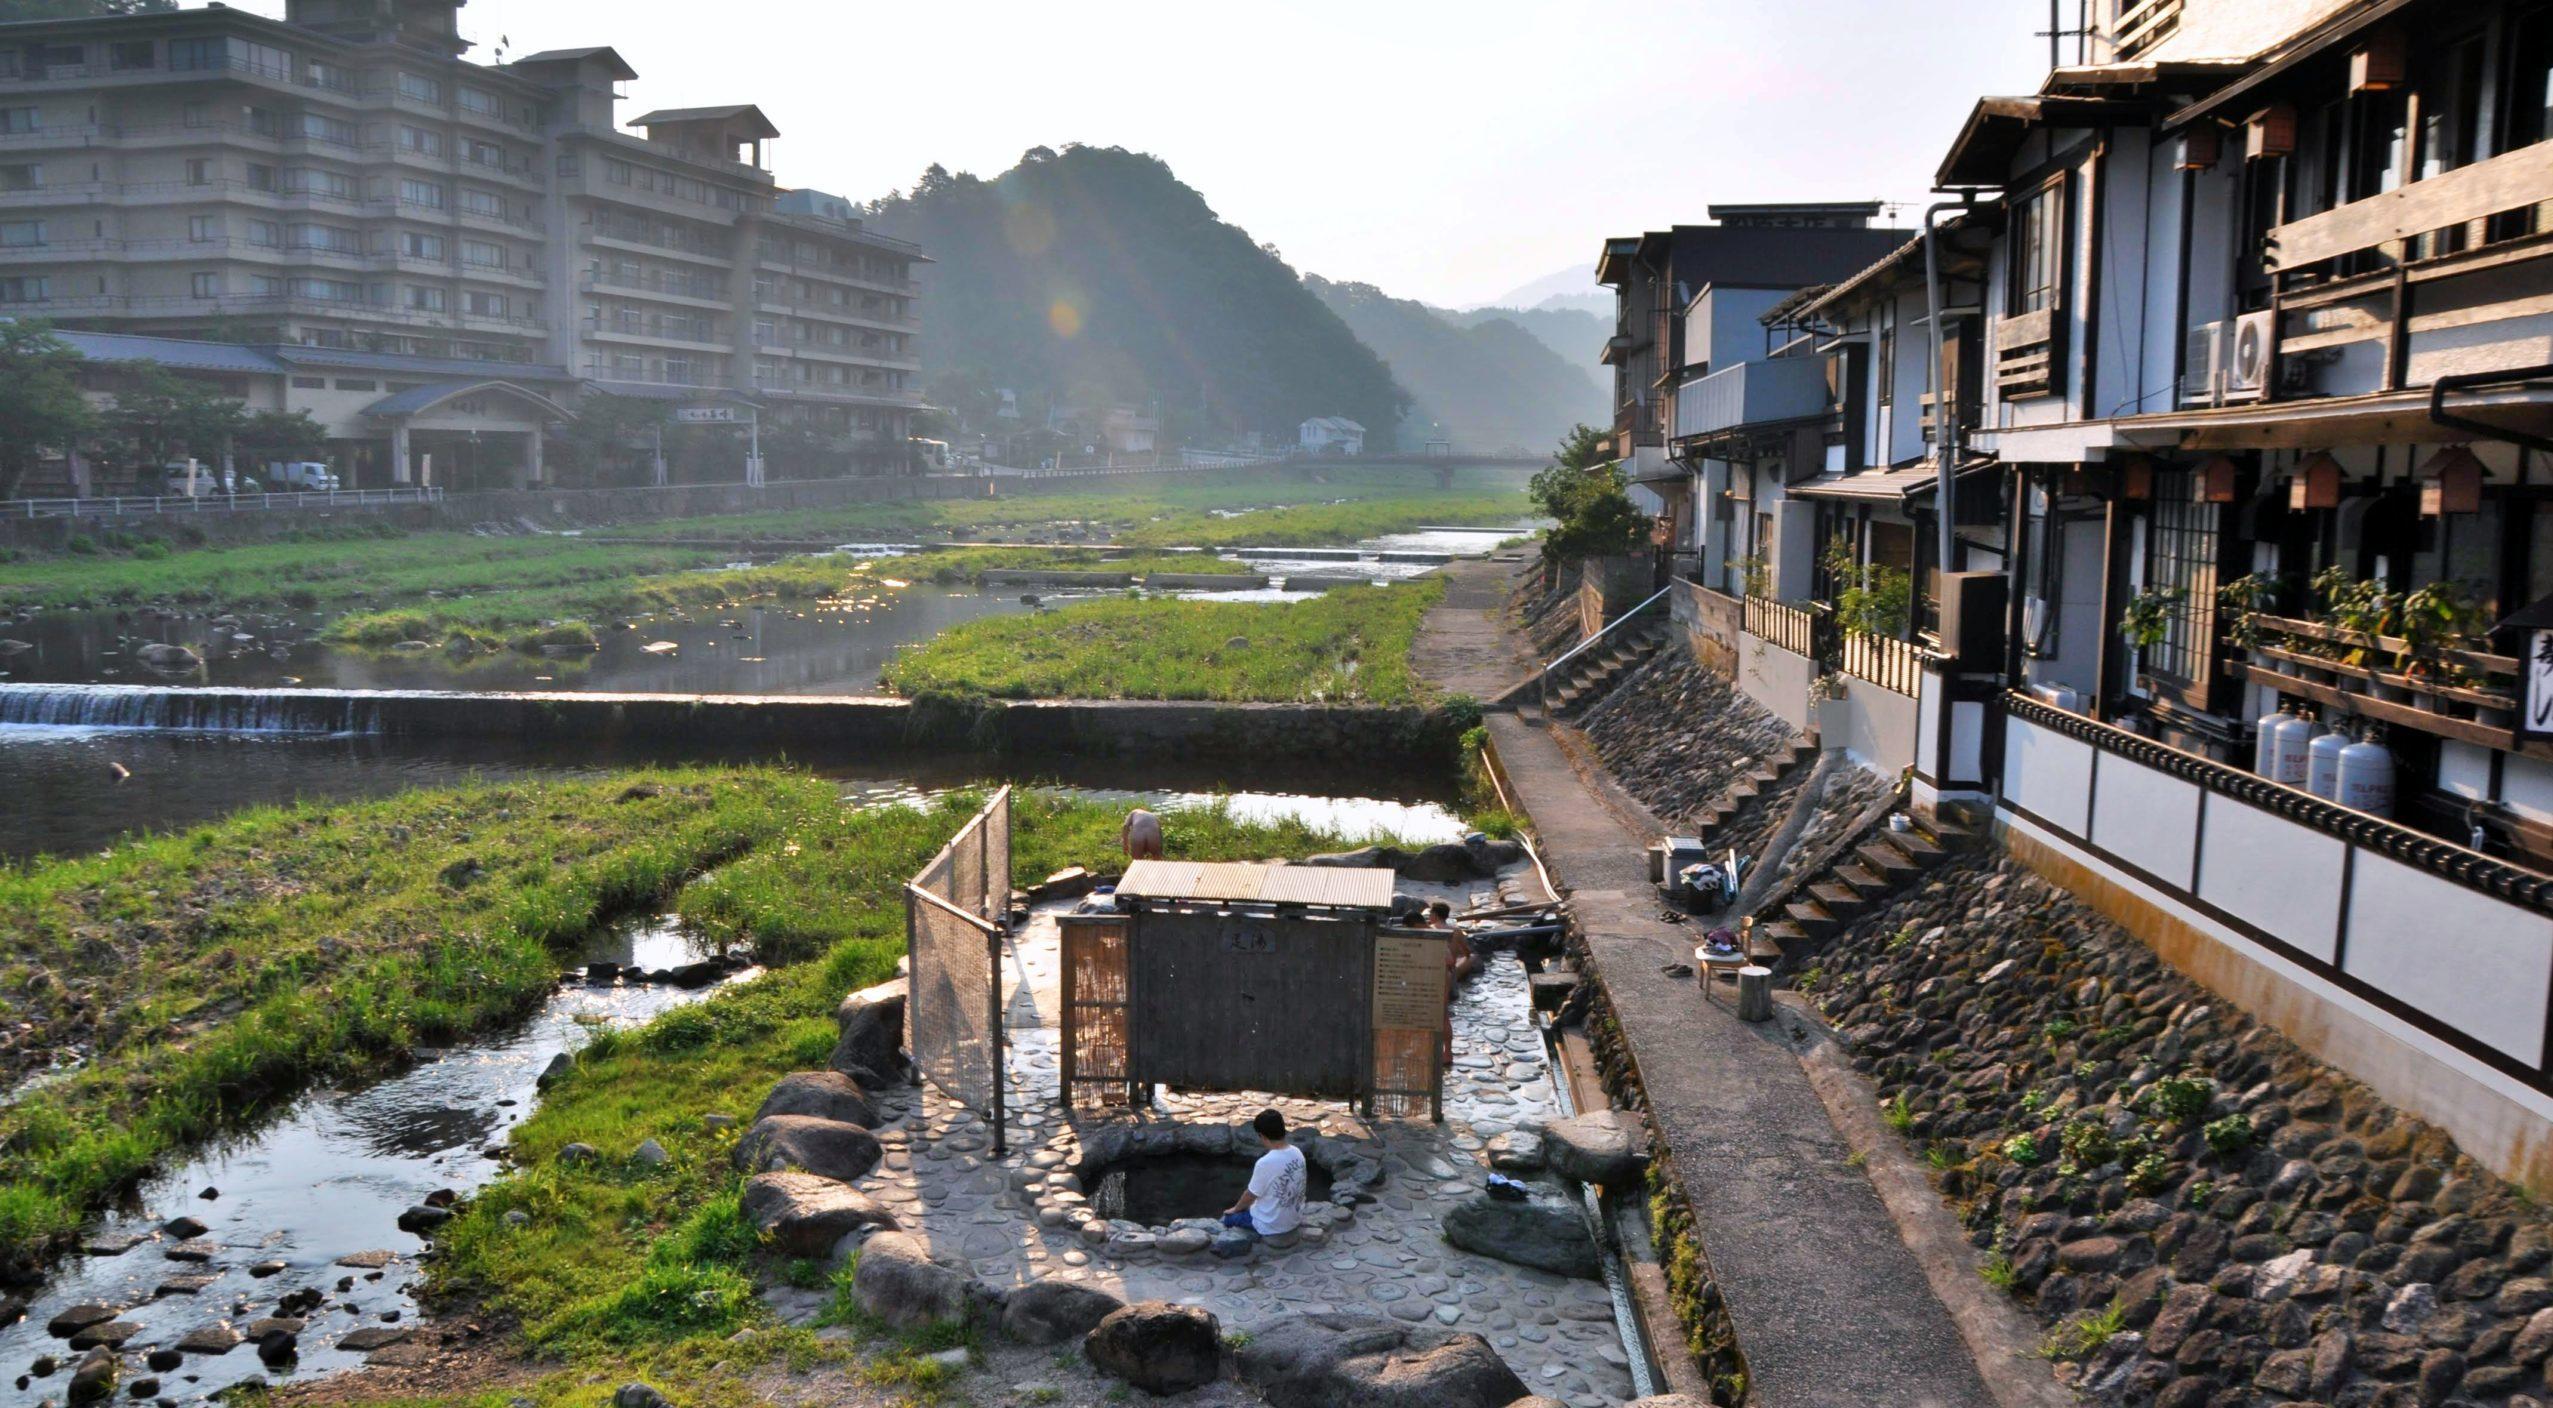 三朝温泉のシンボル的な混浴風呂「河原風呂」